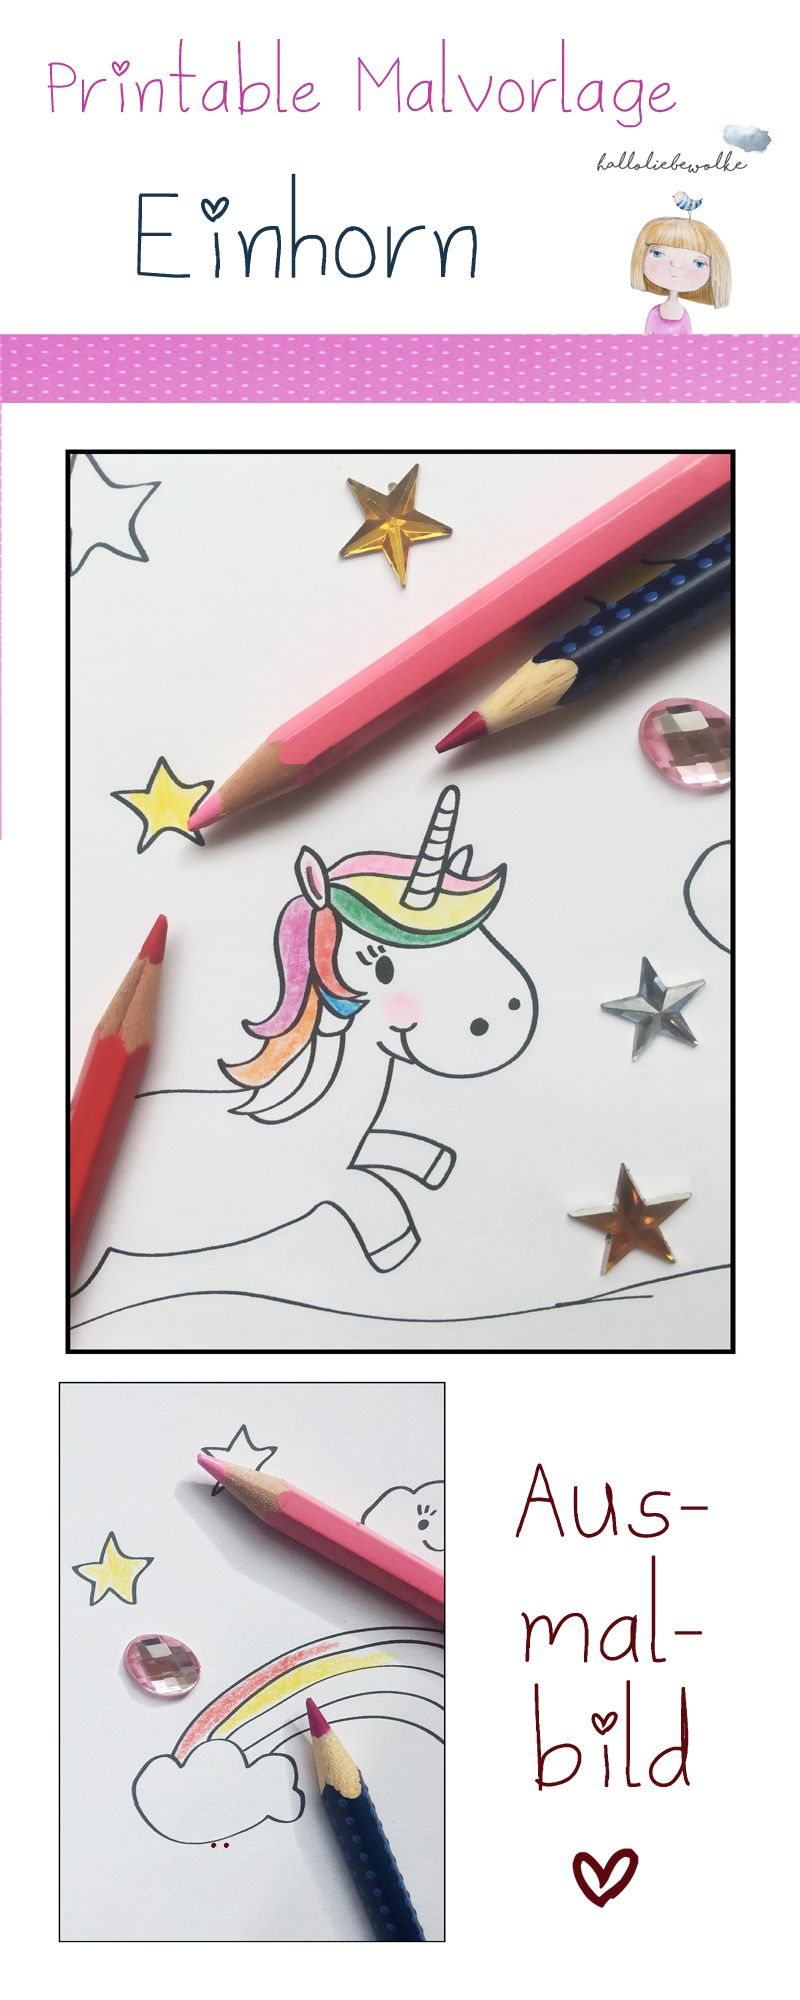 Printable & Malvorlage} Einhorn für kleine Prinzessinnen | Pinterest ...